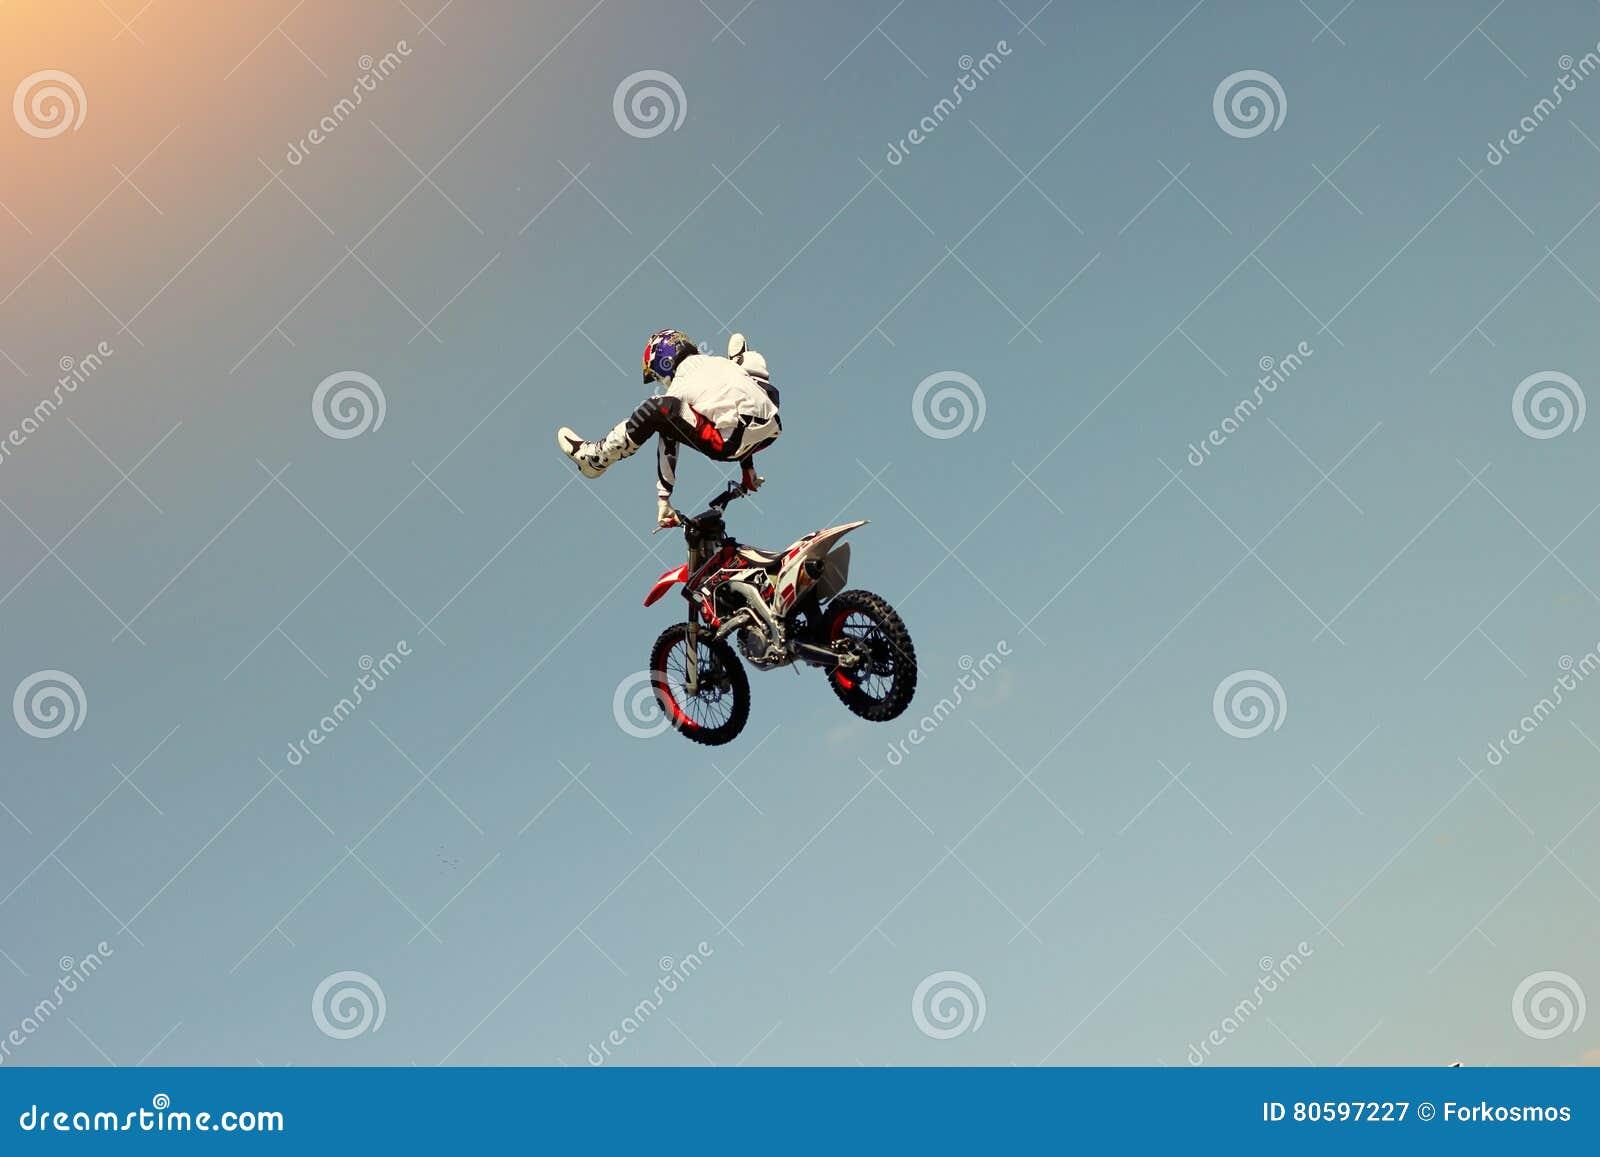 骑自行车的人替身演员在天空中的做特技